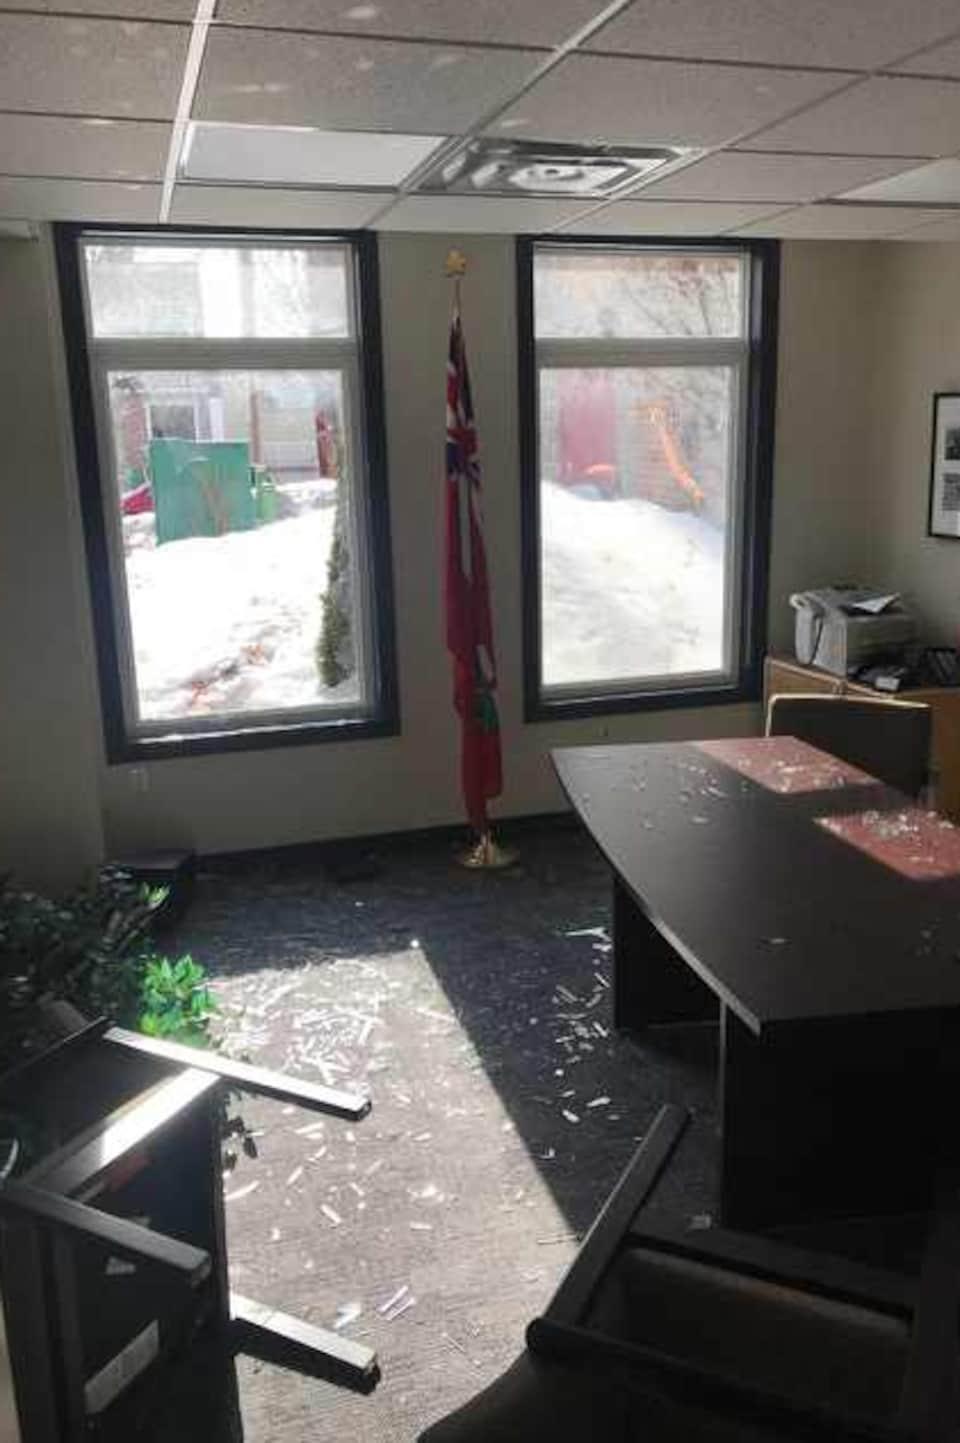 Photo de la fenêtre fracassée d'un bureau; des chaises sont renversées sur le plancher où il y a aussi des débris.